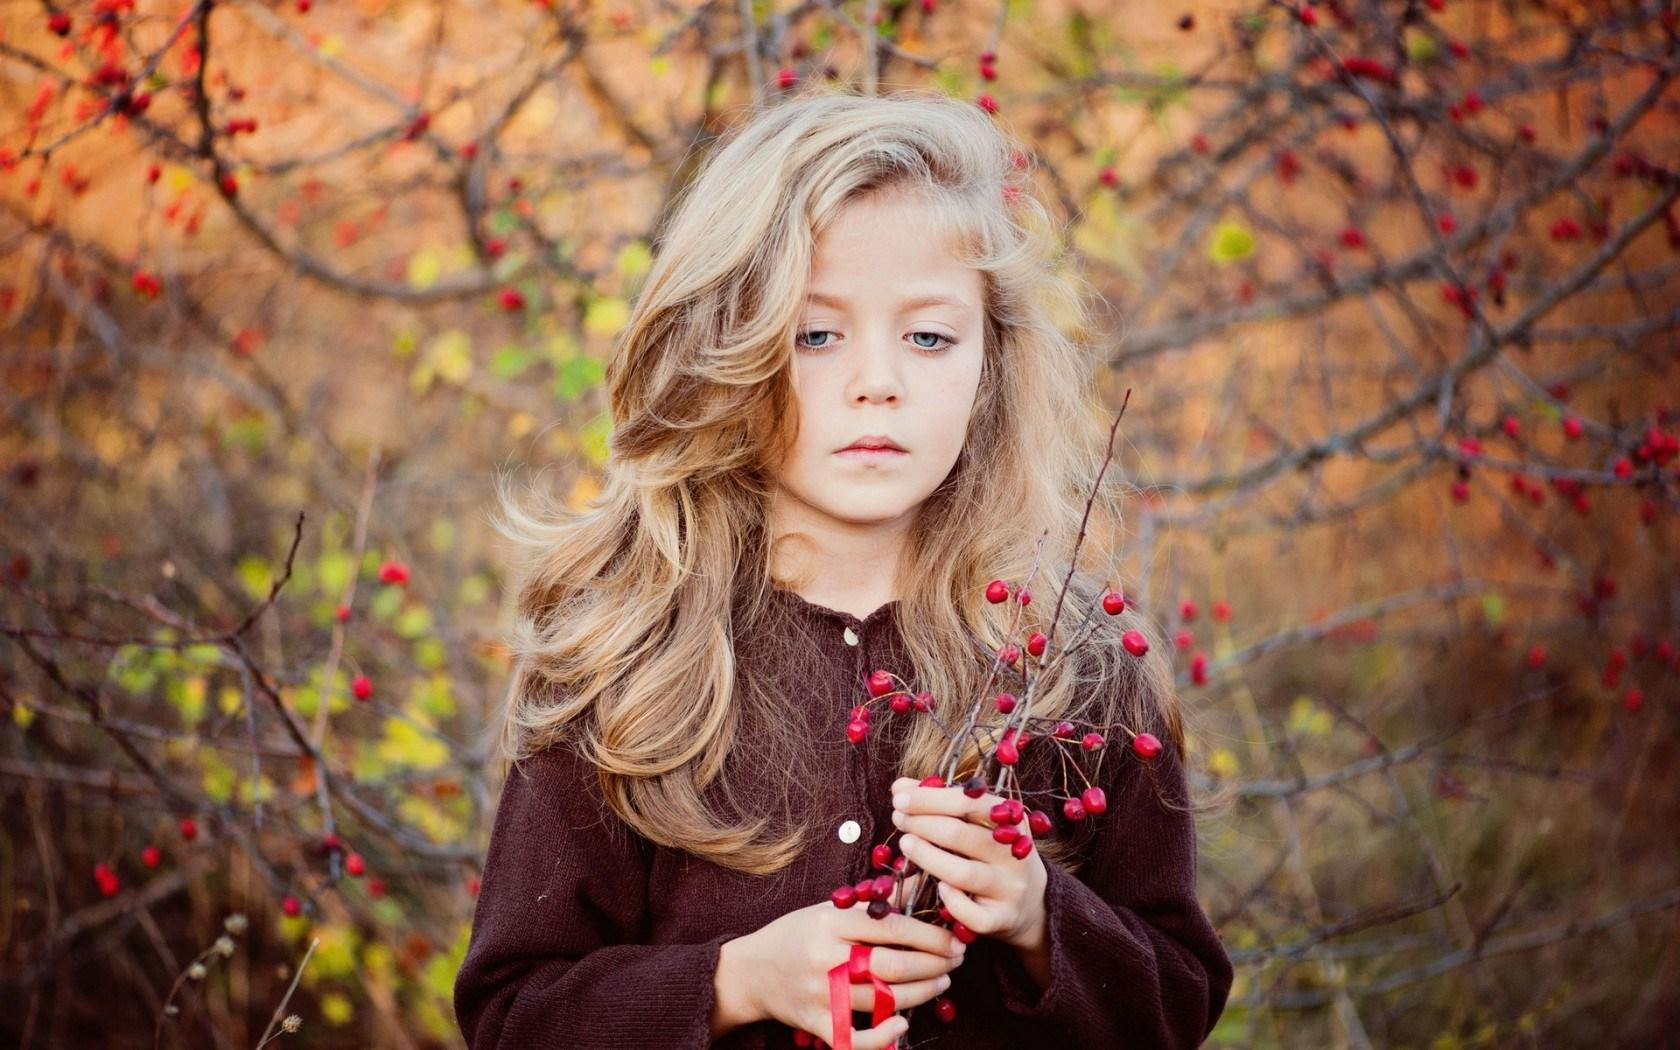 Путь принятия ребенка: Как не загнать себя в ненависть к материнству